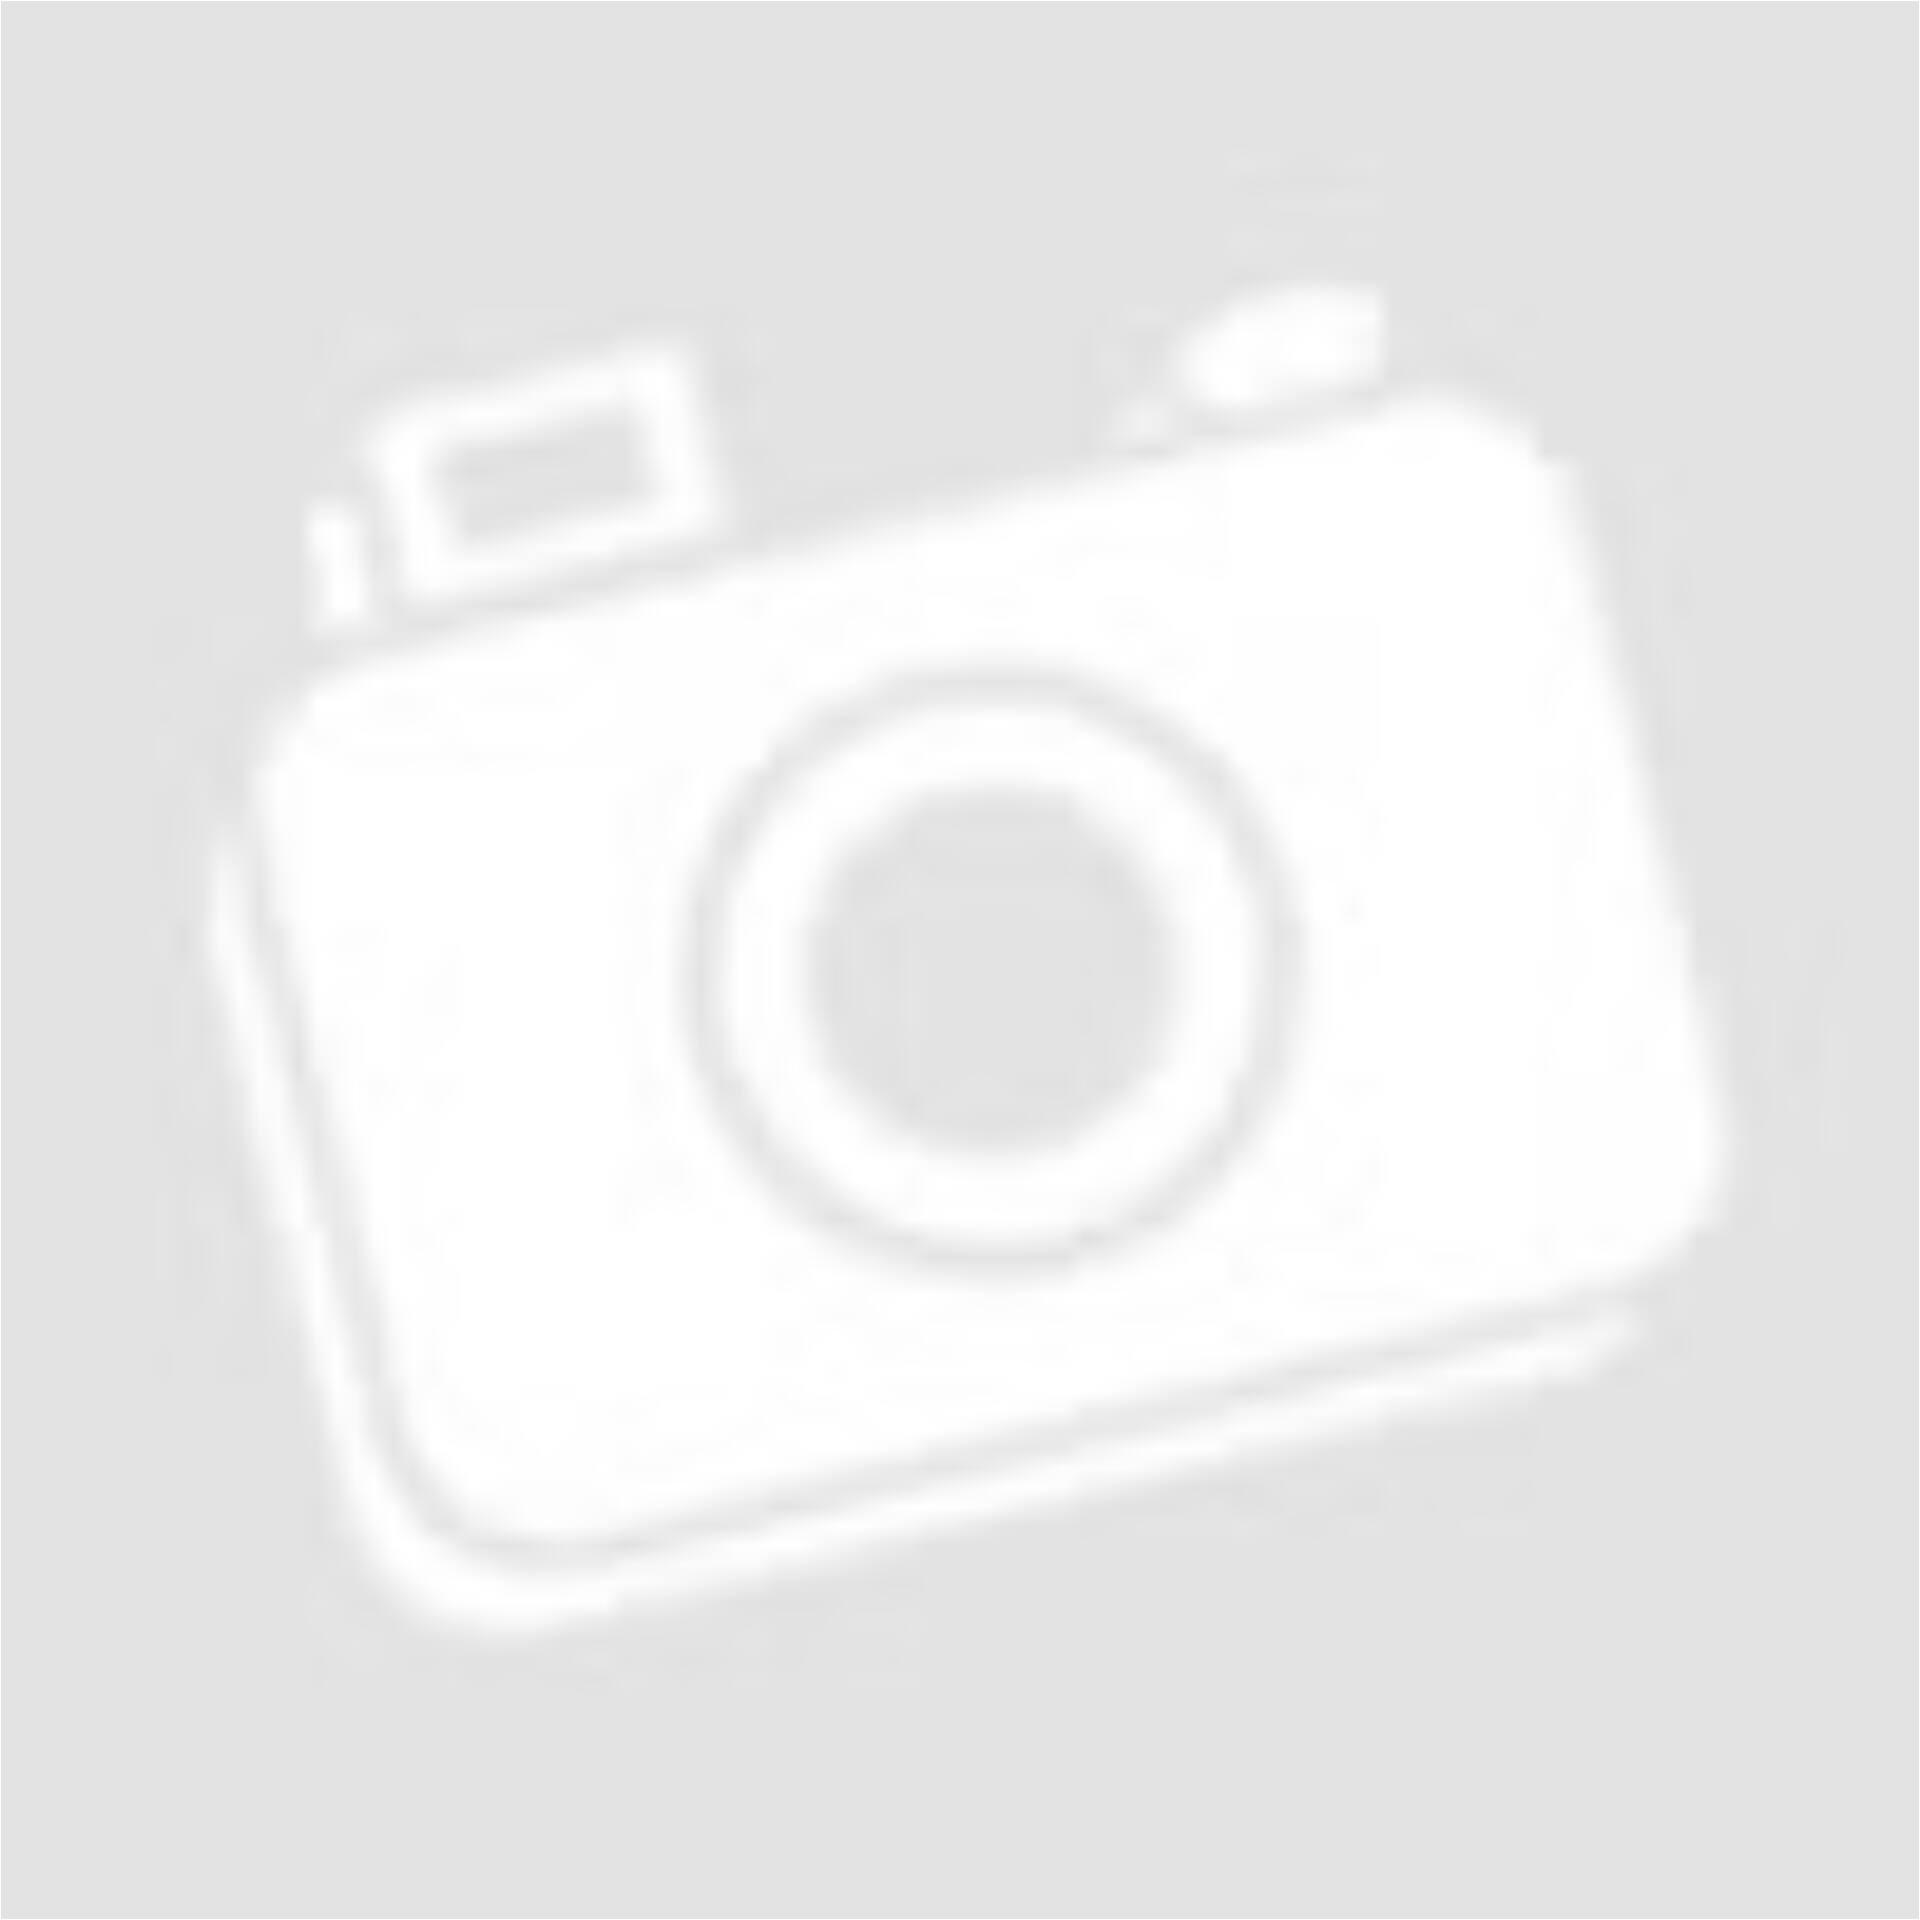 048af0a795 Fekete színű Xessica kismama nadrág (Méret: S) - Rövidnadrág ...